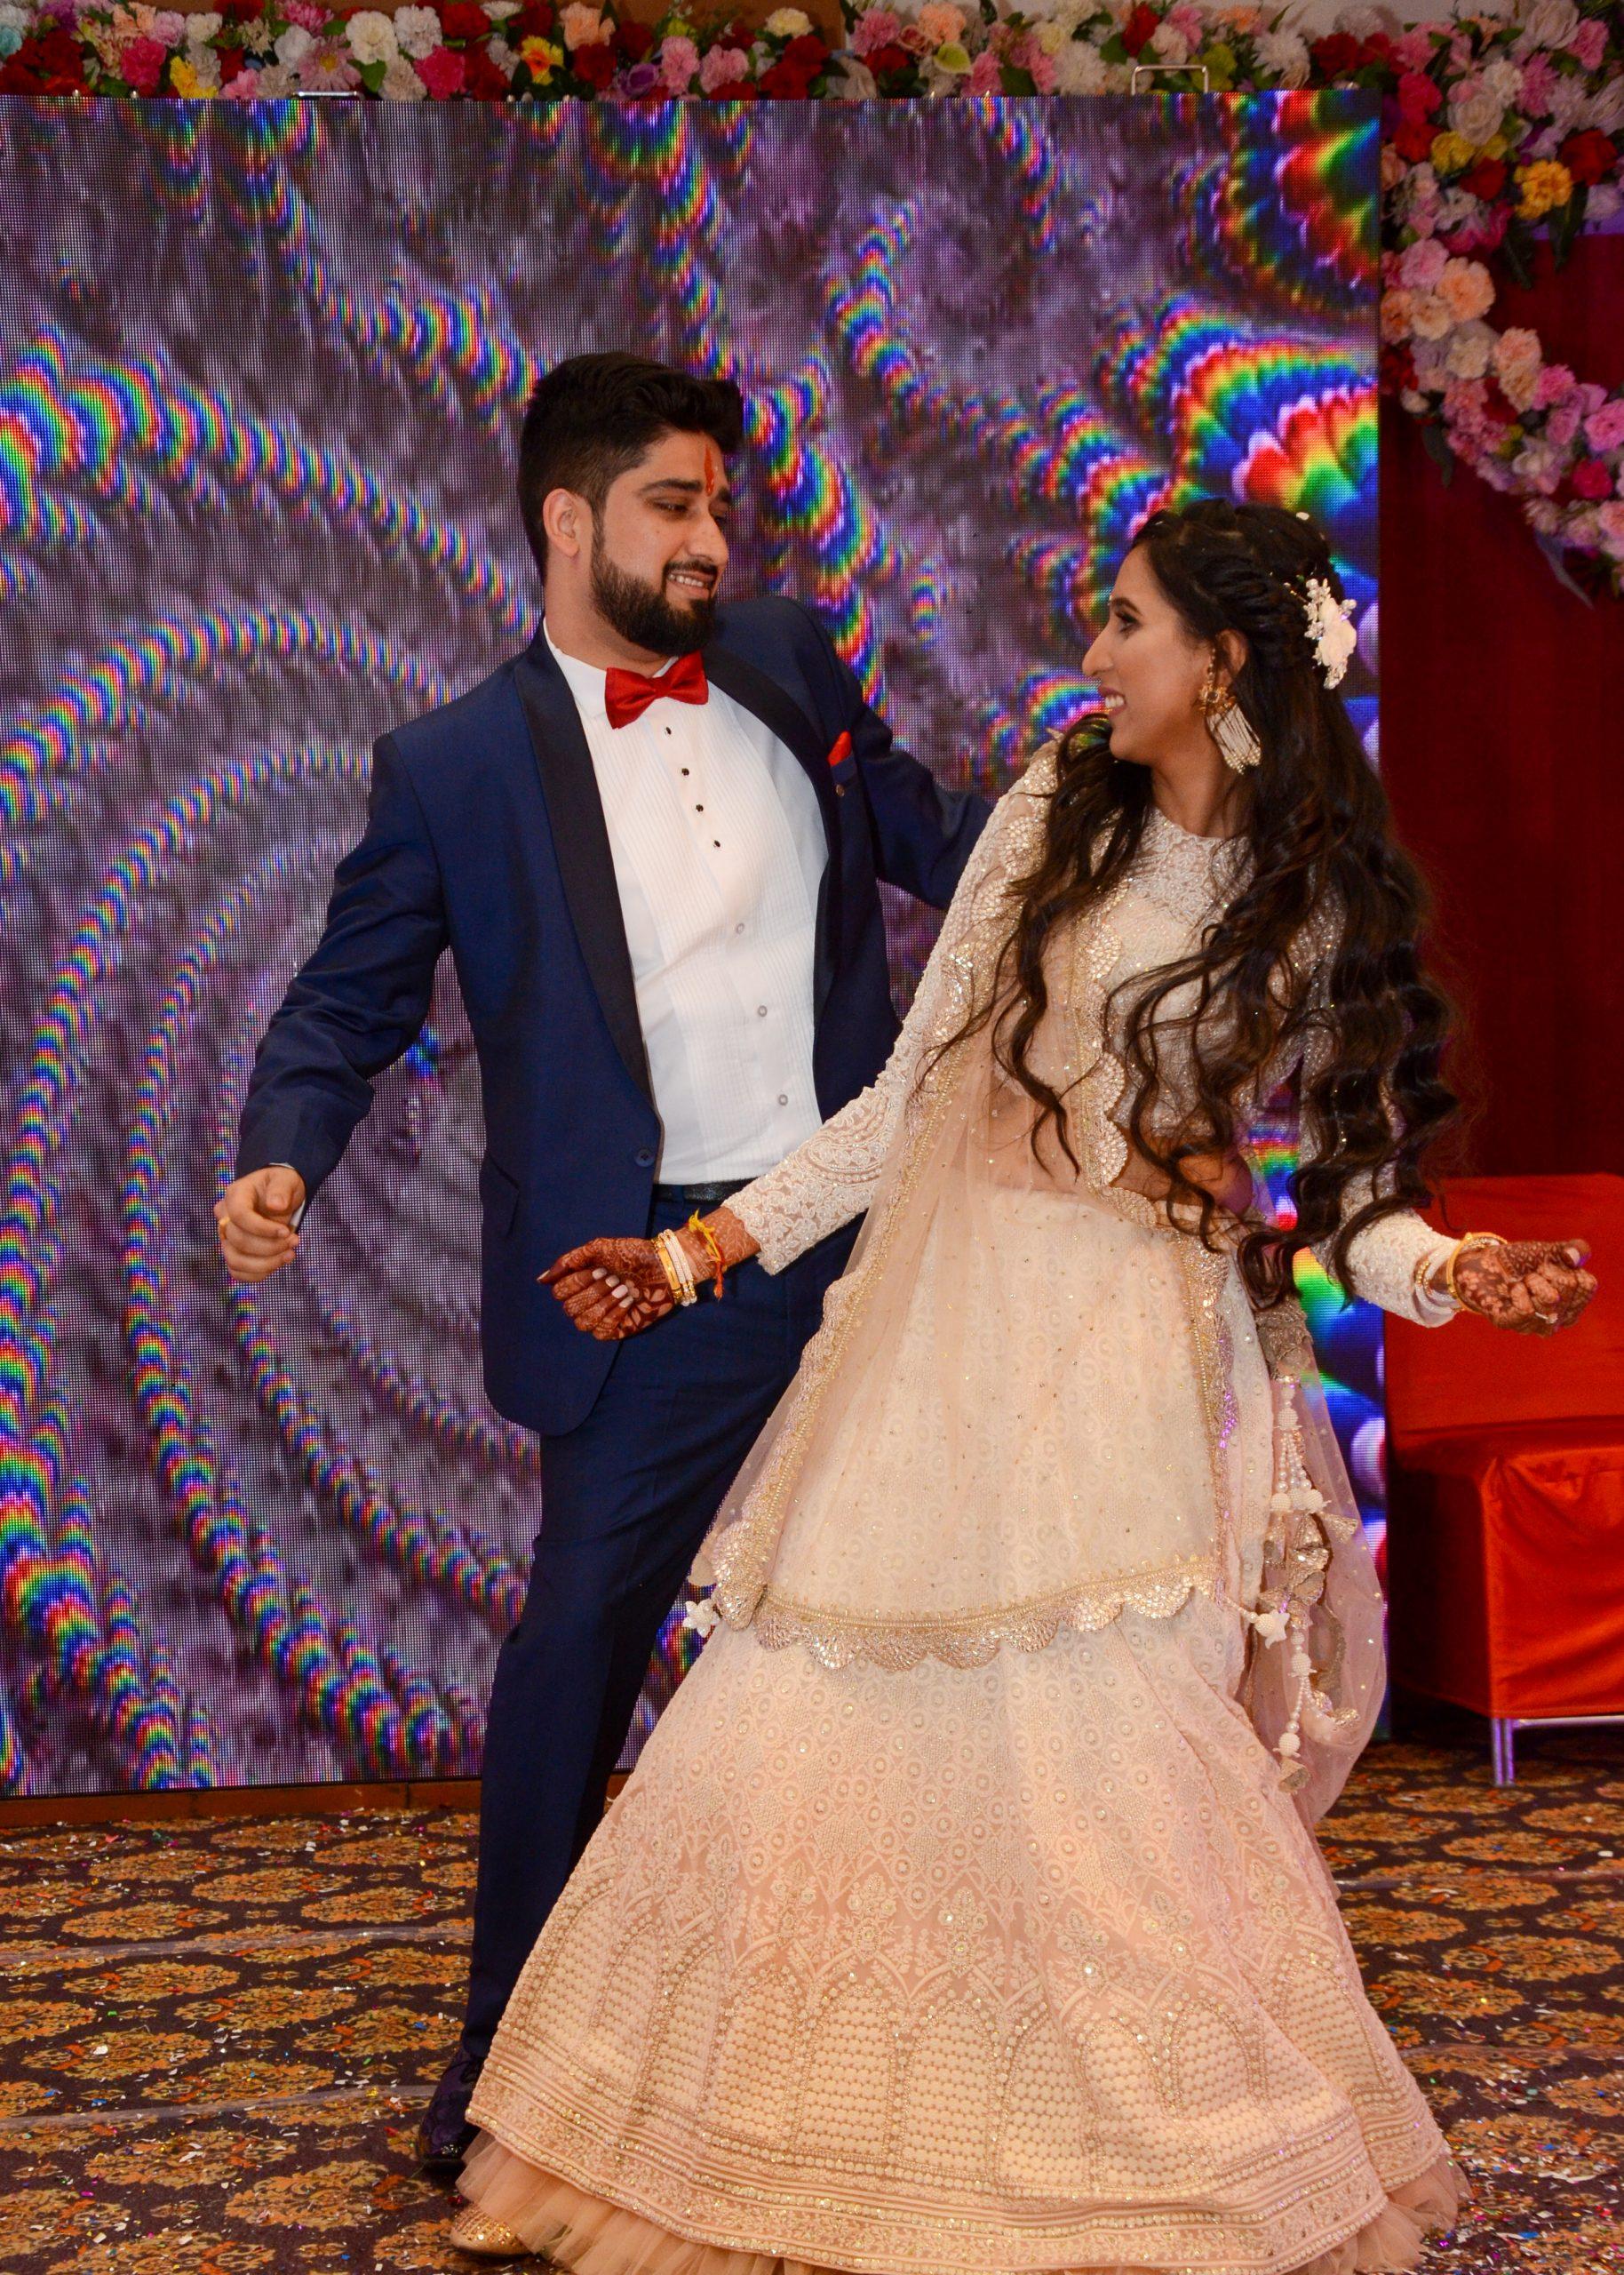 Indian couple dancing on wedding